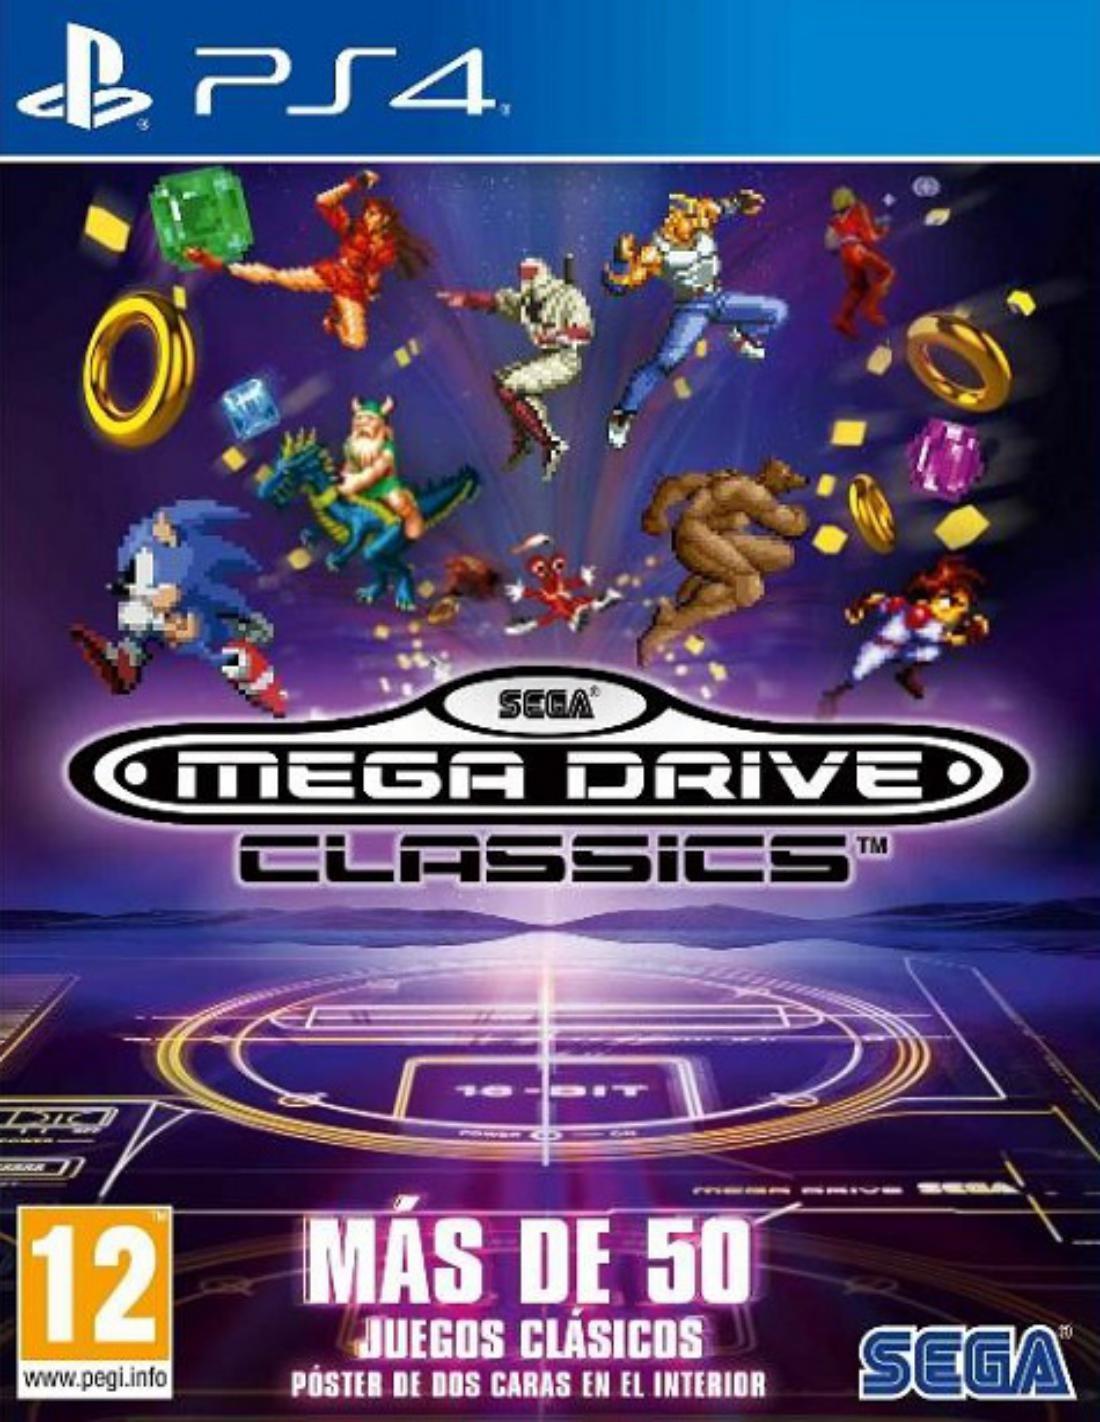 Sega Mega Drive Classics Ps4 Videojuegos De Ps4